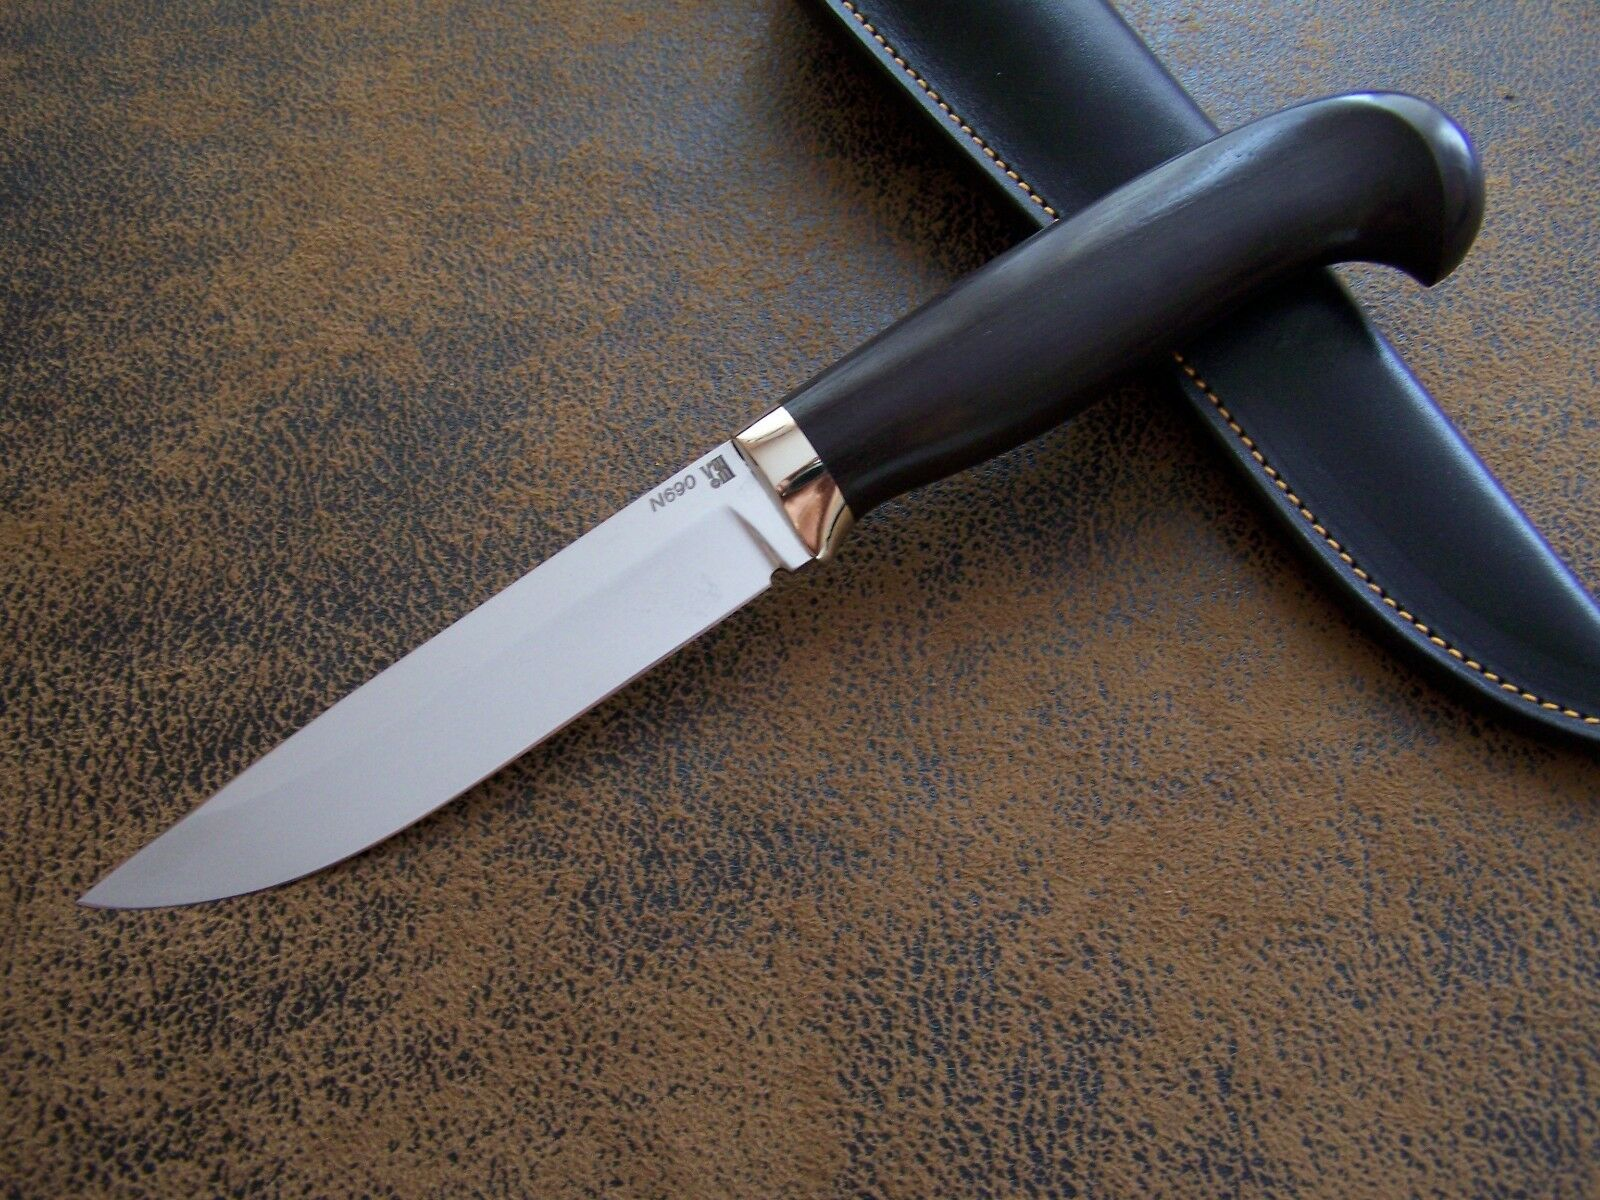 D. Uldanov Custom Messer Exklusives Jagd    Outdoormesser N690 Böhler St. 61-HRC  | Schöne Kunst